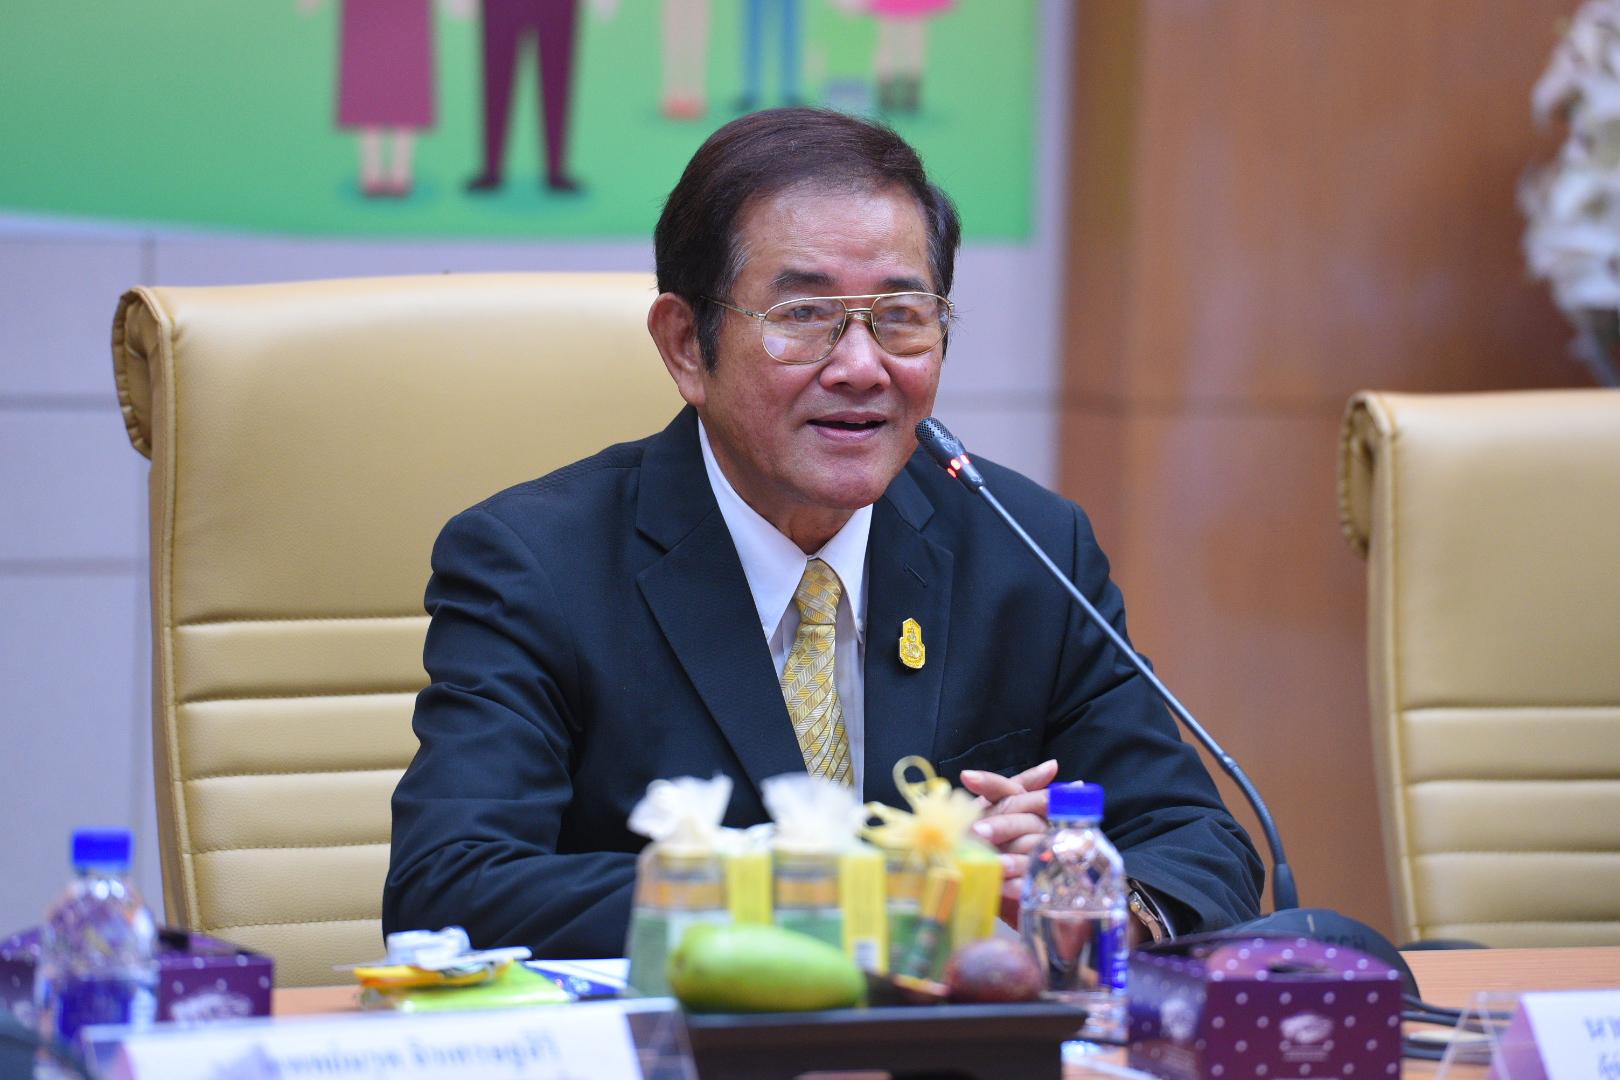 สธ.ร่วมใจปกป้องคนไทย ไป-กลับปลอดภัย เทศกาลสงกรานต์ thaihealth